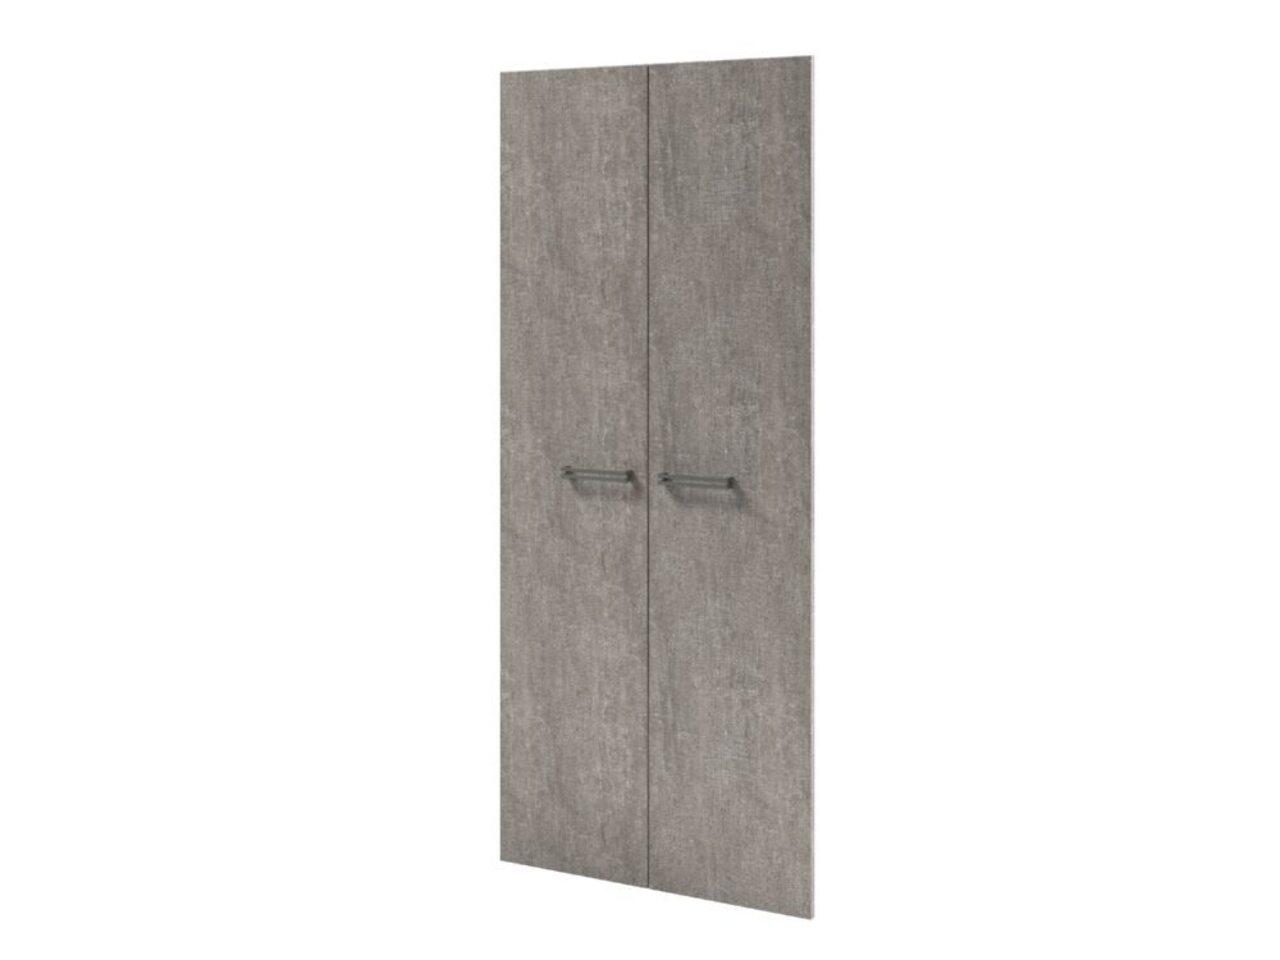 Двери высокие  Solution 39x1x179 - фото 1